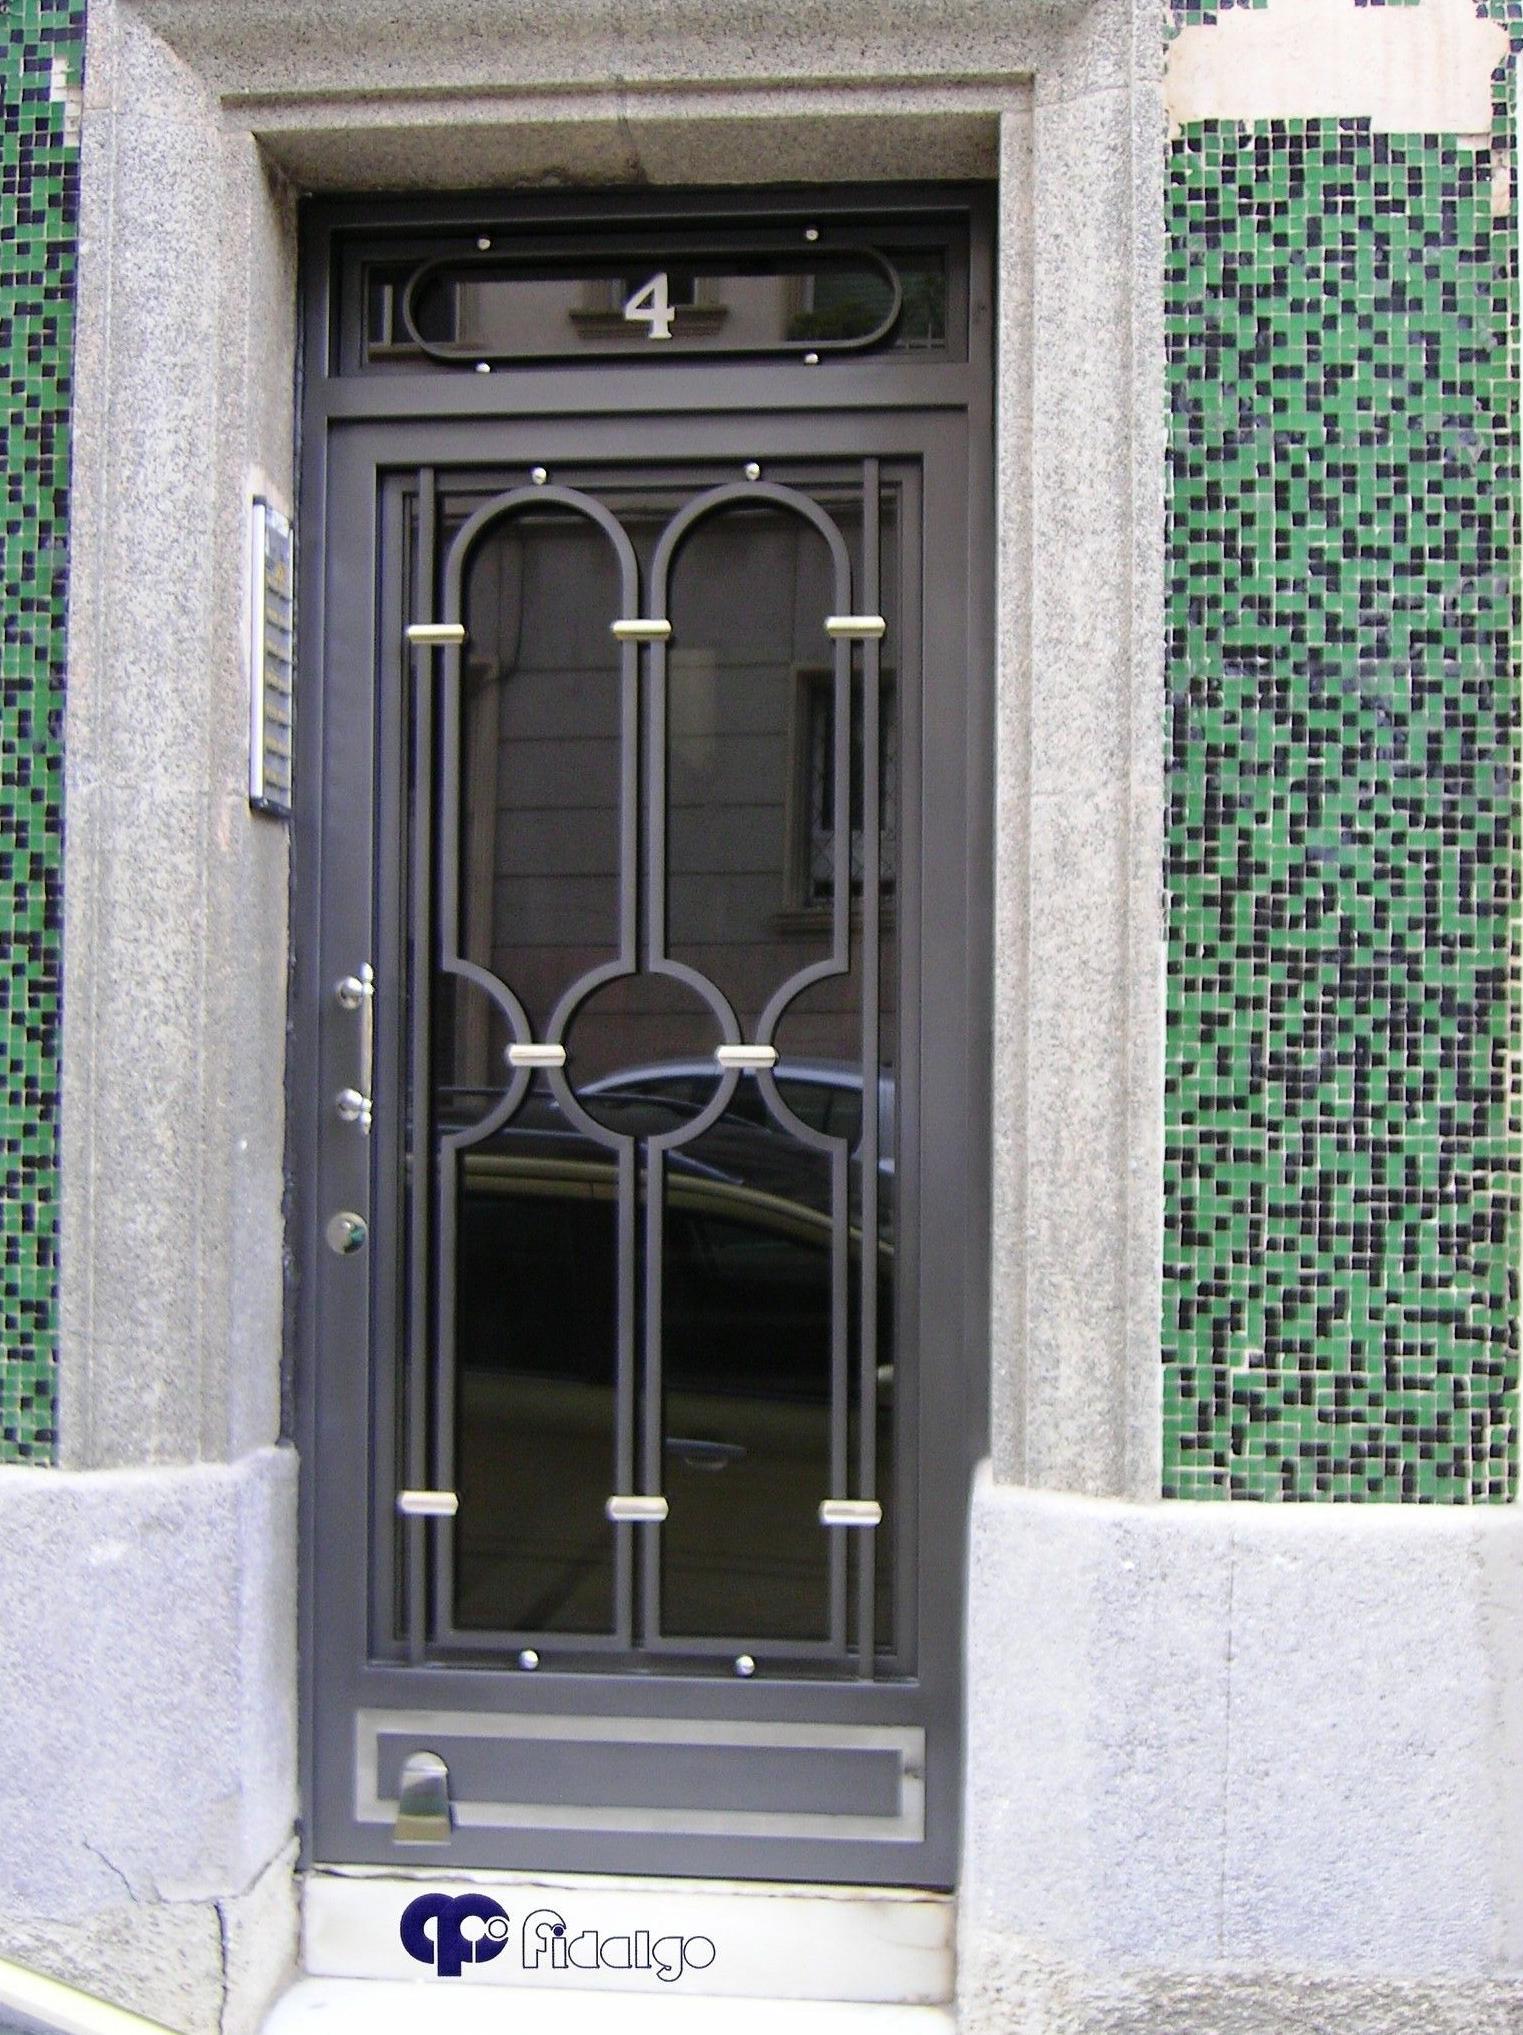 Foto 19 de cierres y puertas met licas en barcelona for Puertas corredizas metalicas